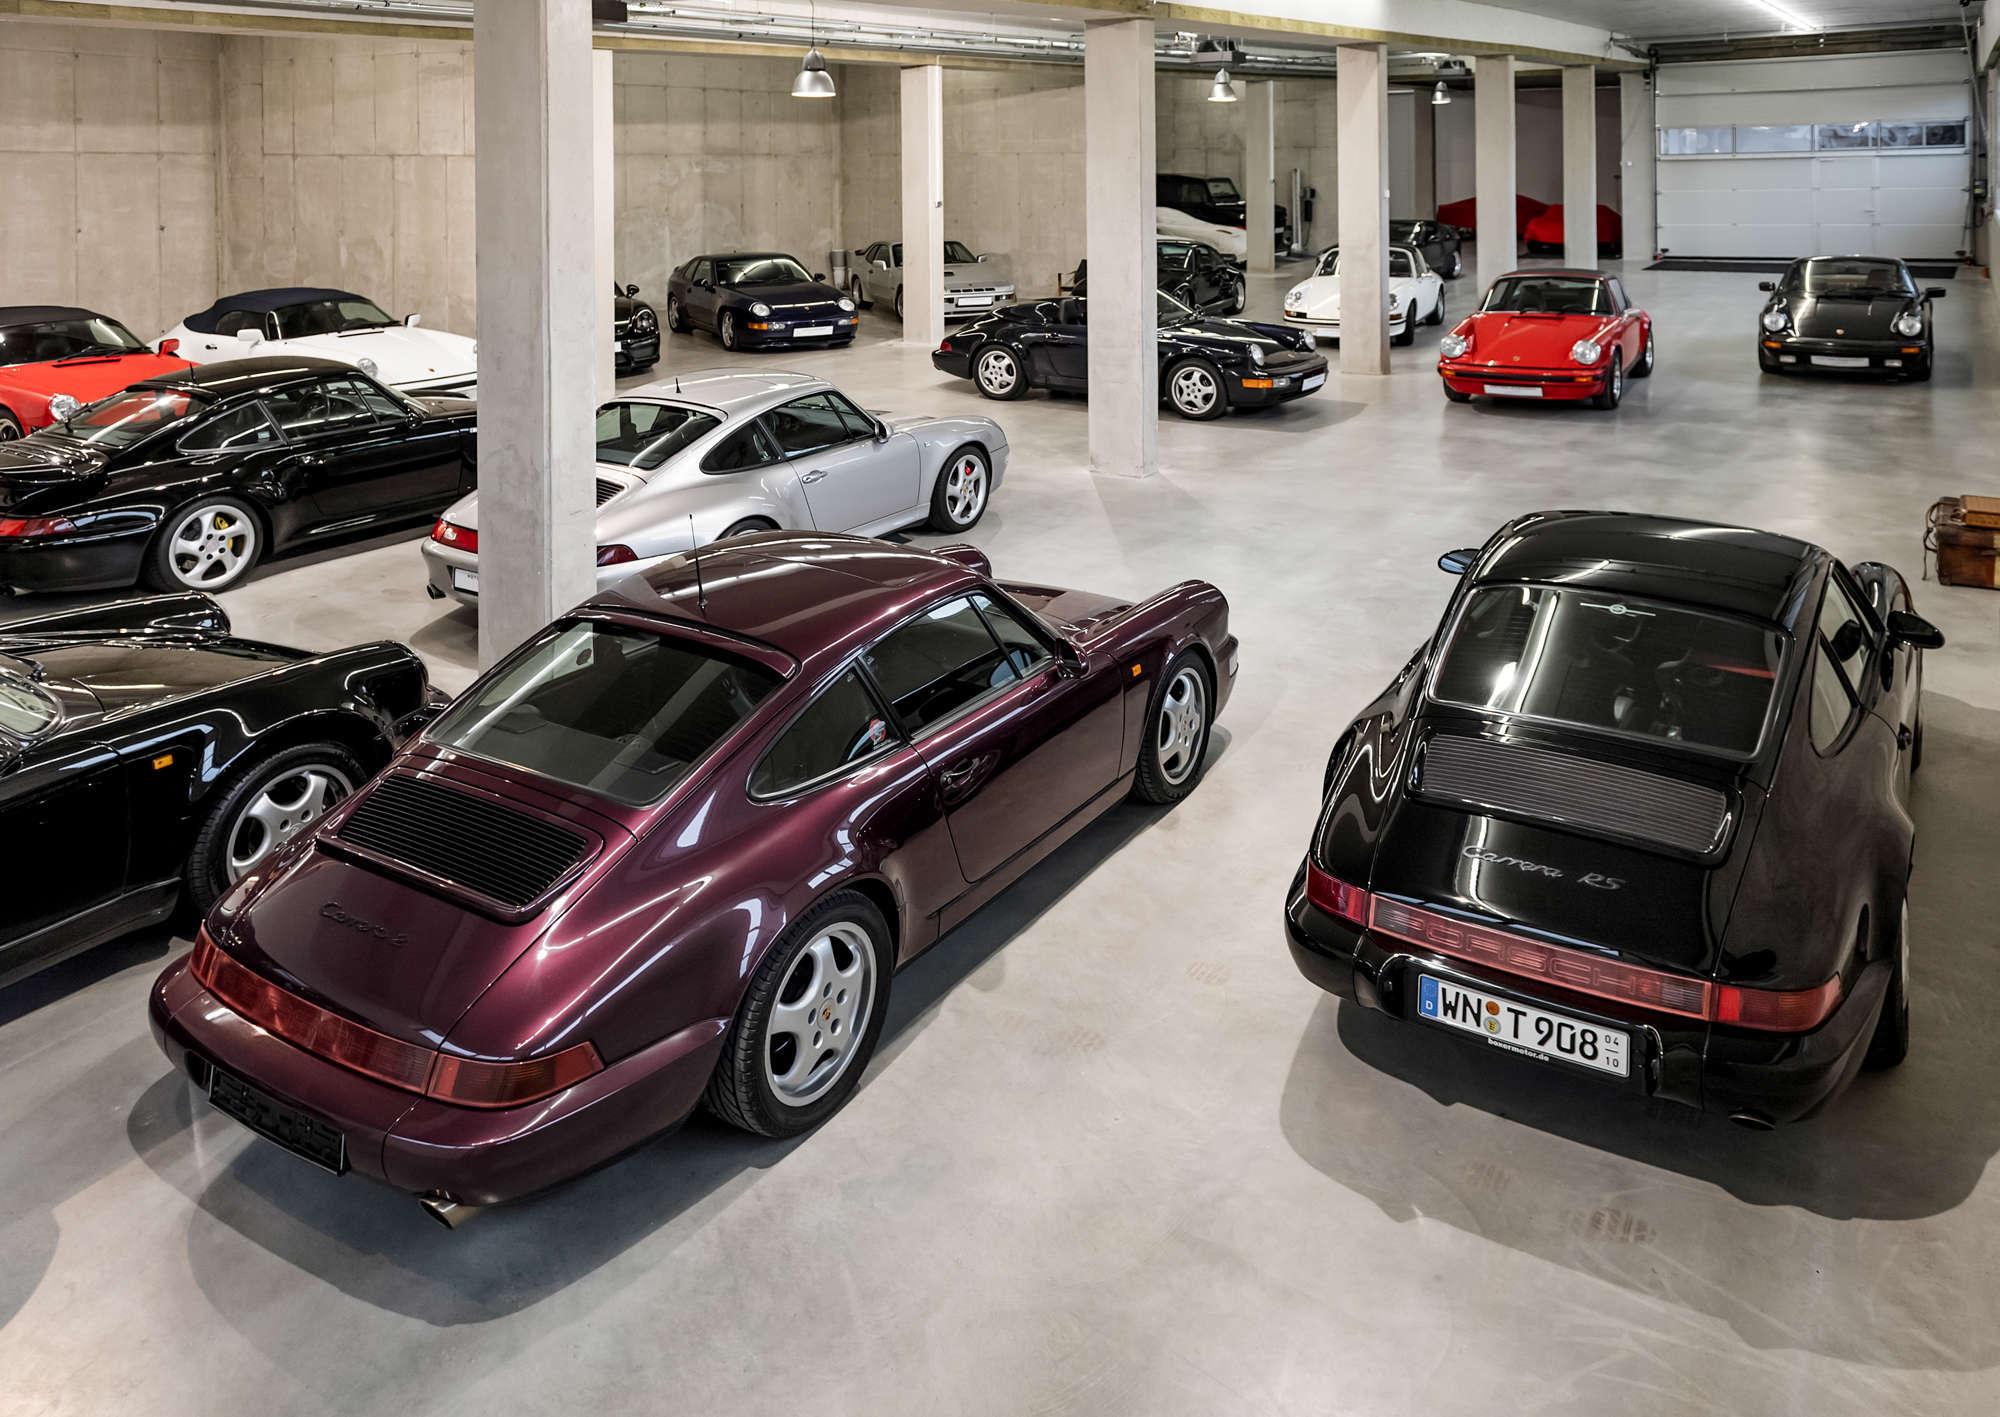 Porsche gebraucht kaufen